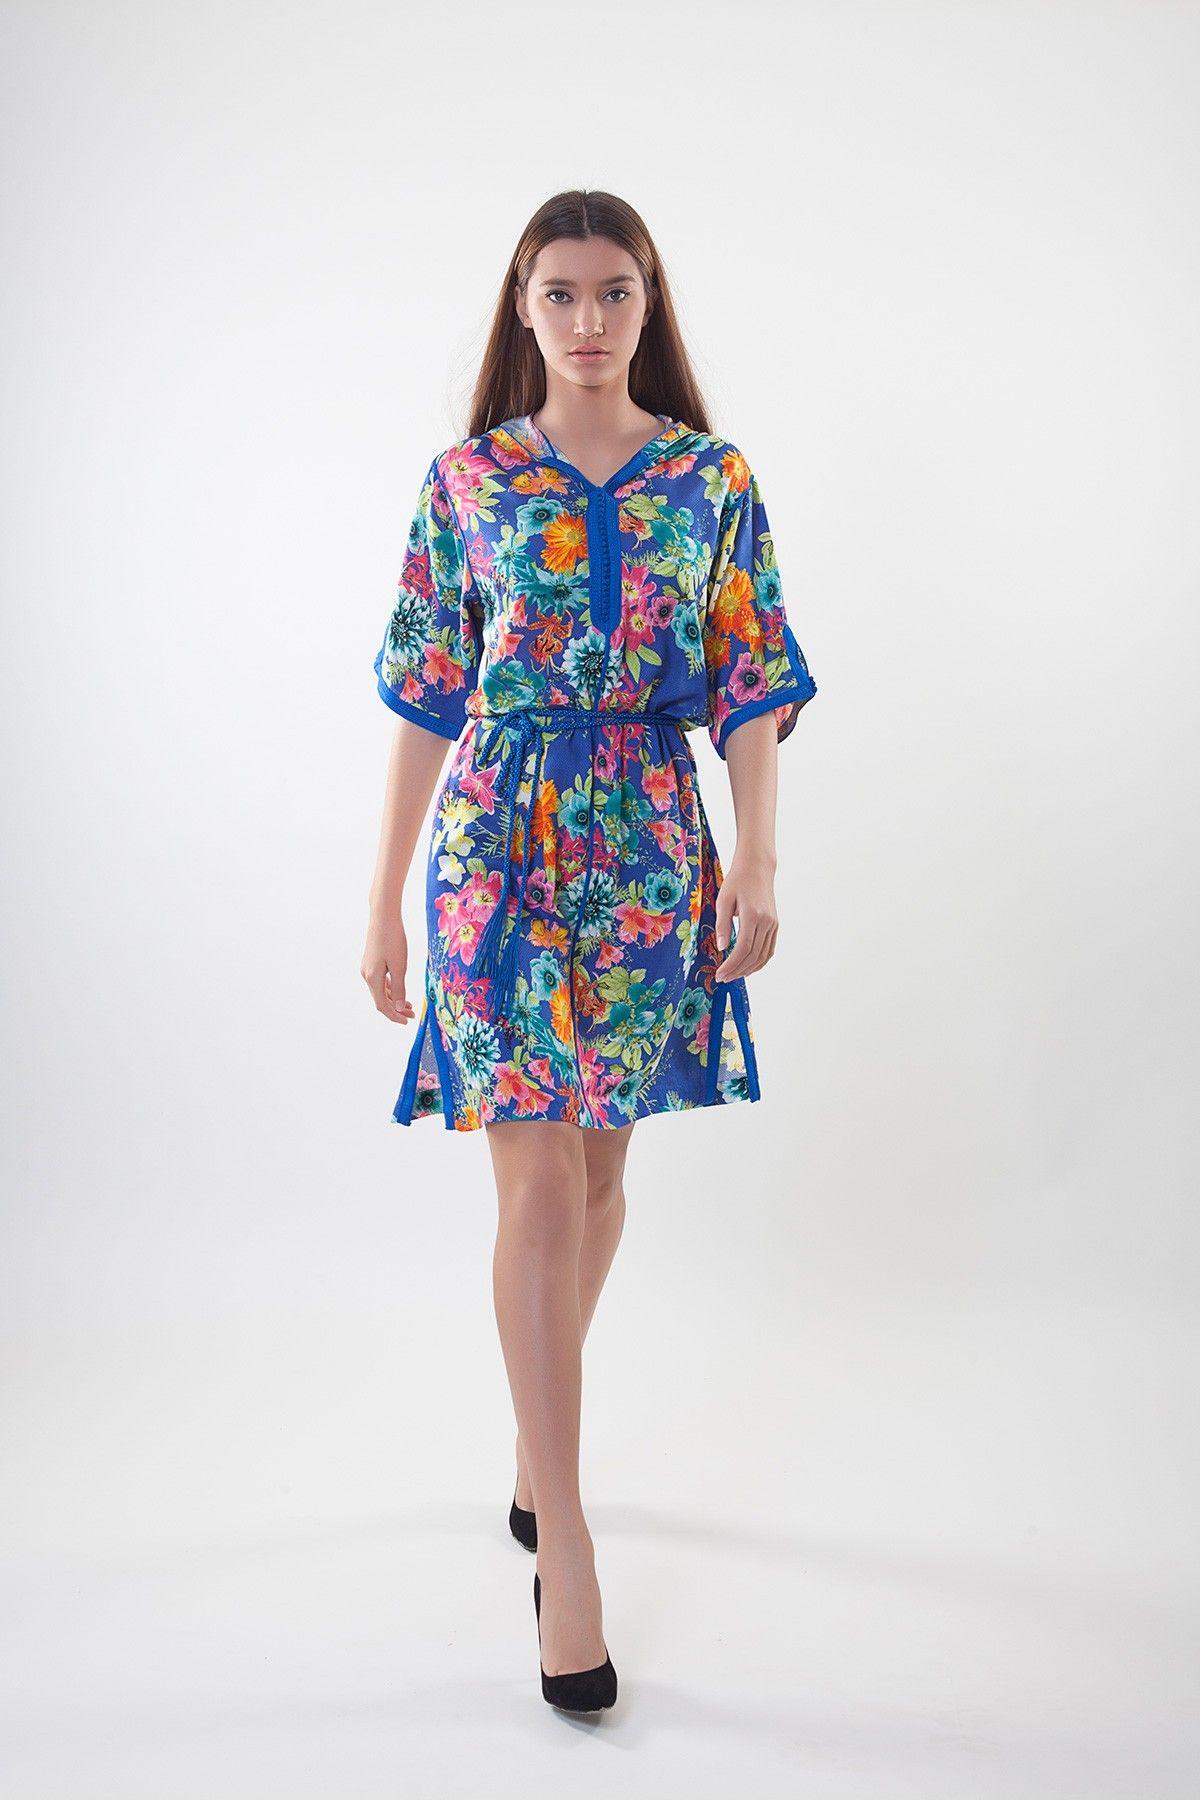 5cade5fd34c Djellaba courte style moderne pour femme à vendre sur ce site officiel  dédié dans la vente